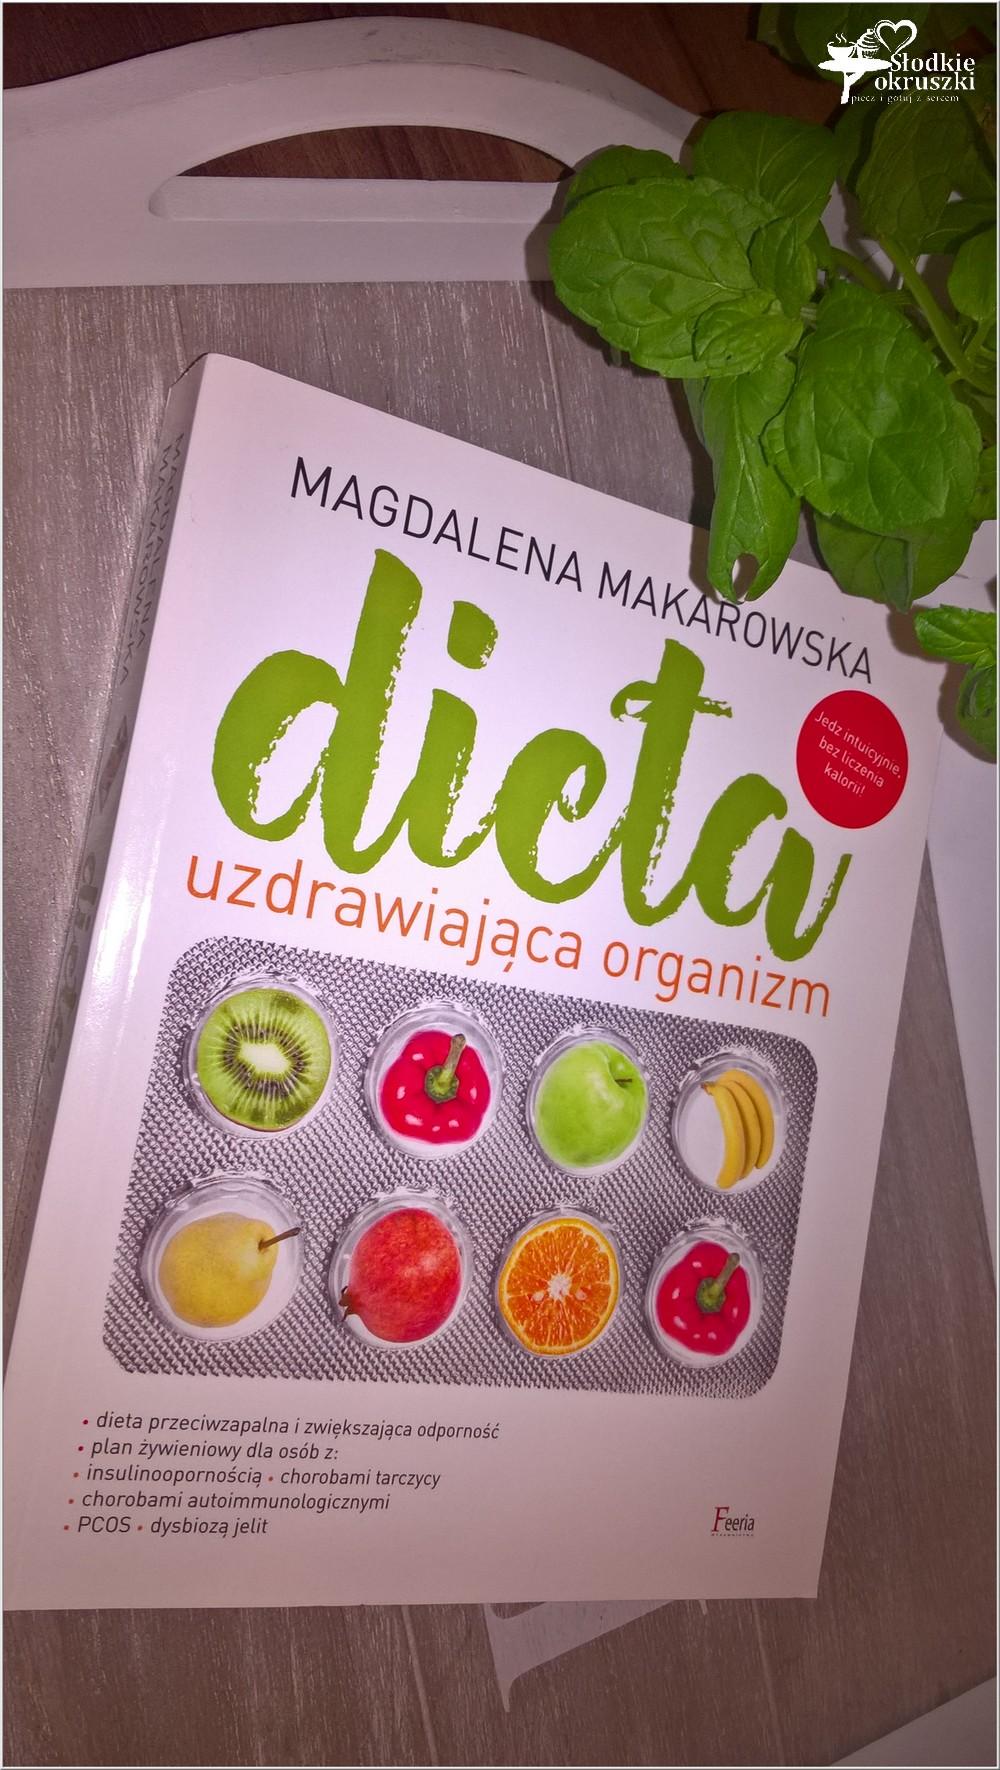 Dieta uzdrawiająca organizm Jedz intuicyjnie bez liczenia kalorii (1)